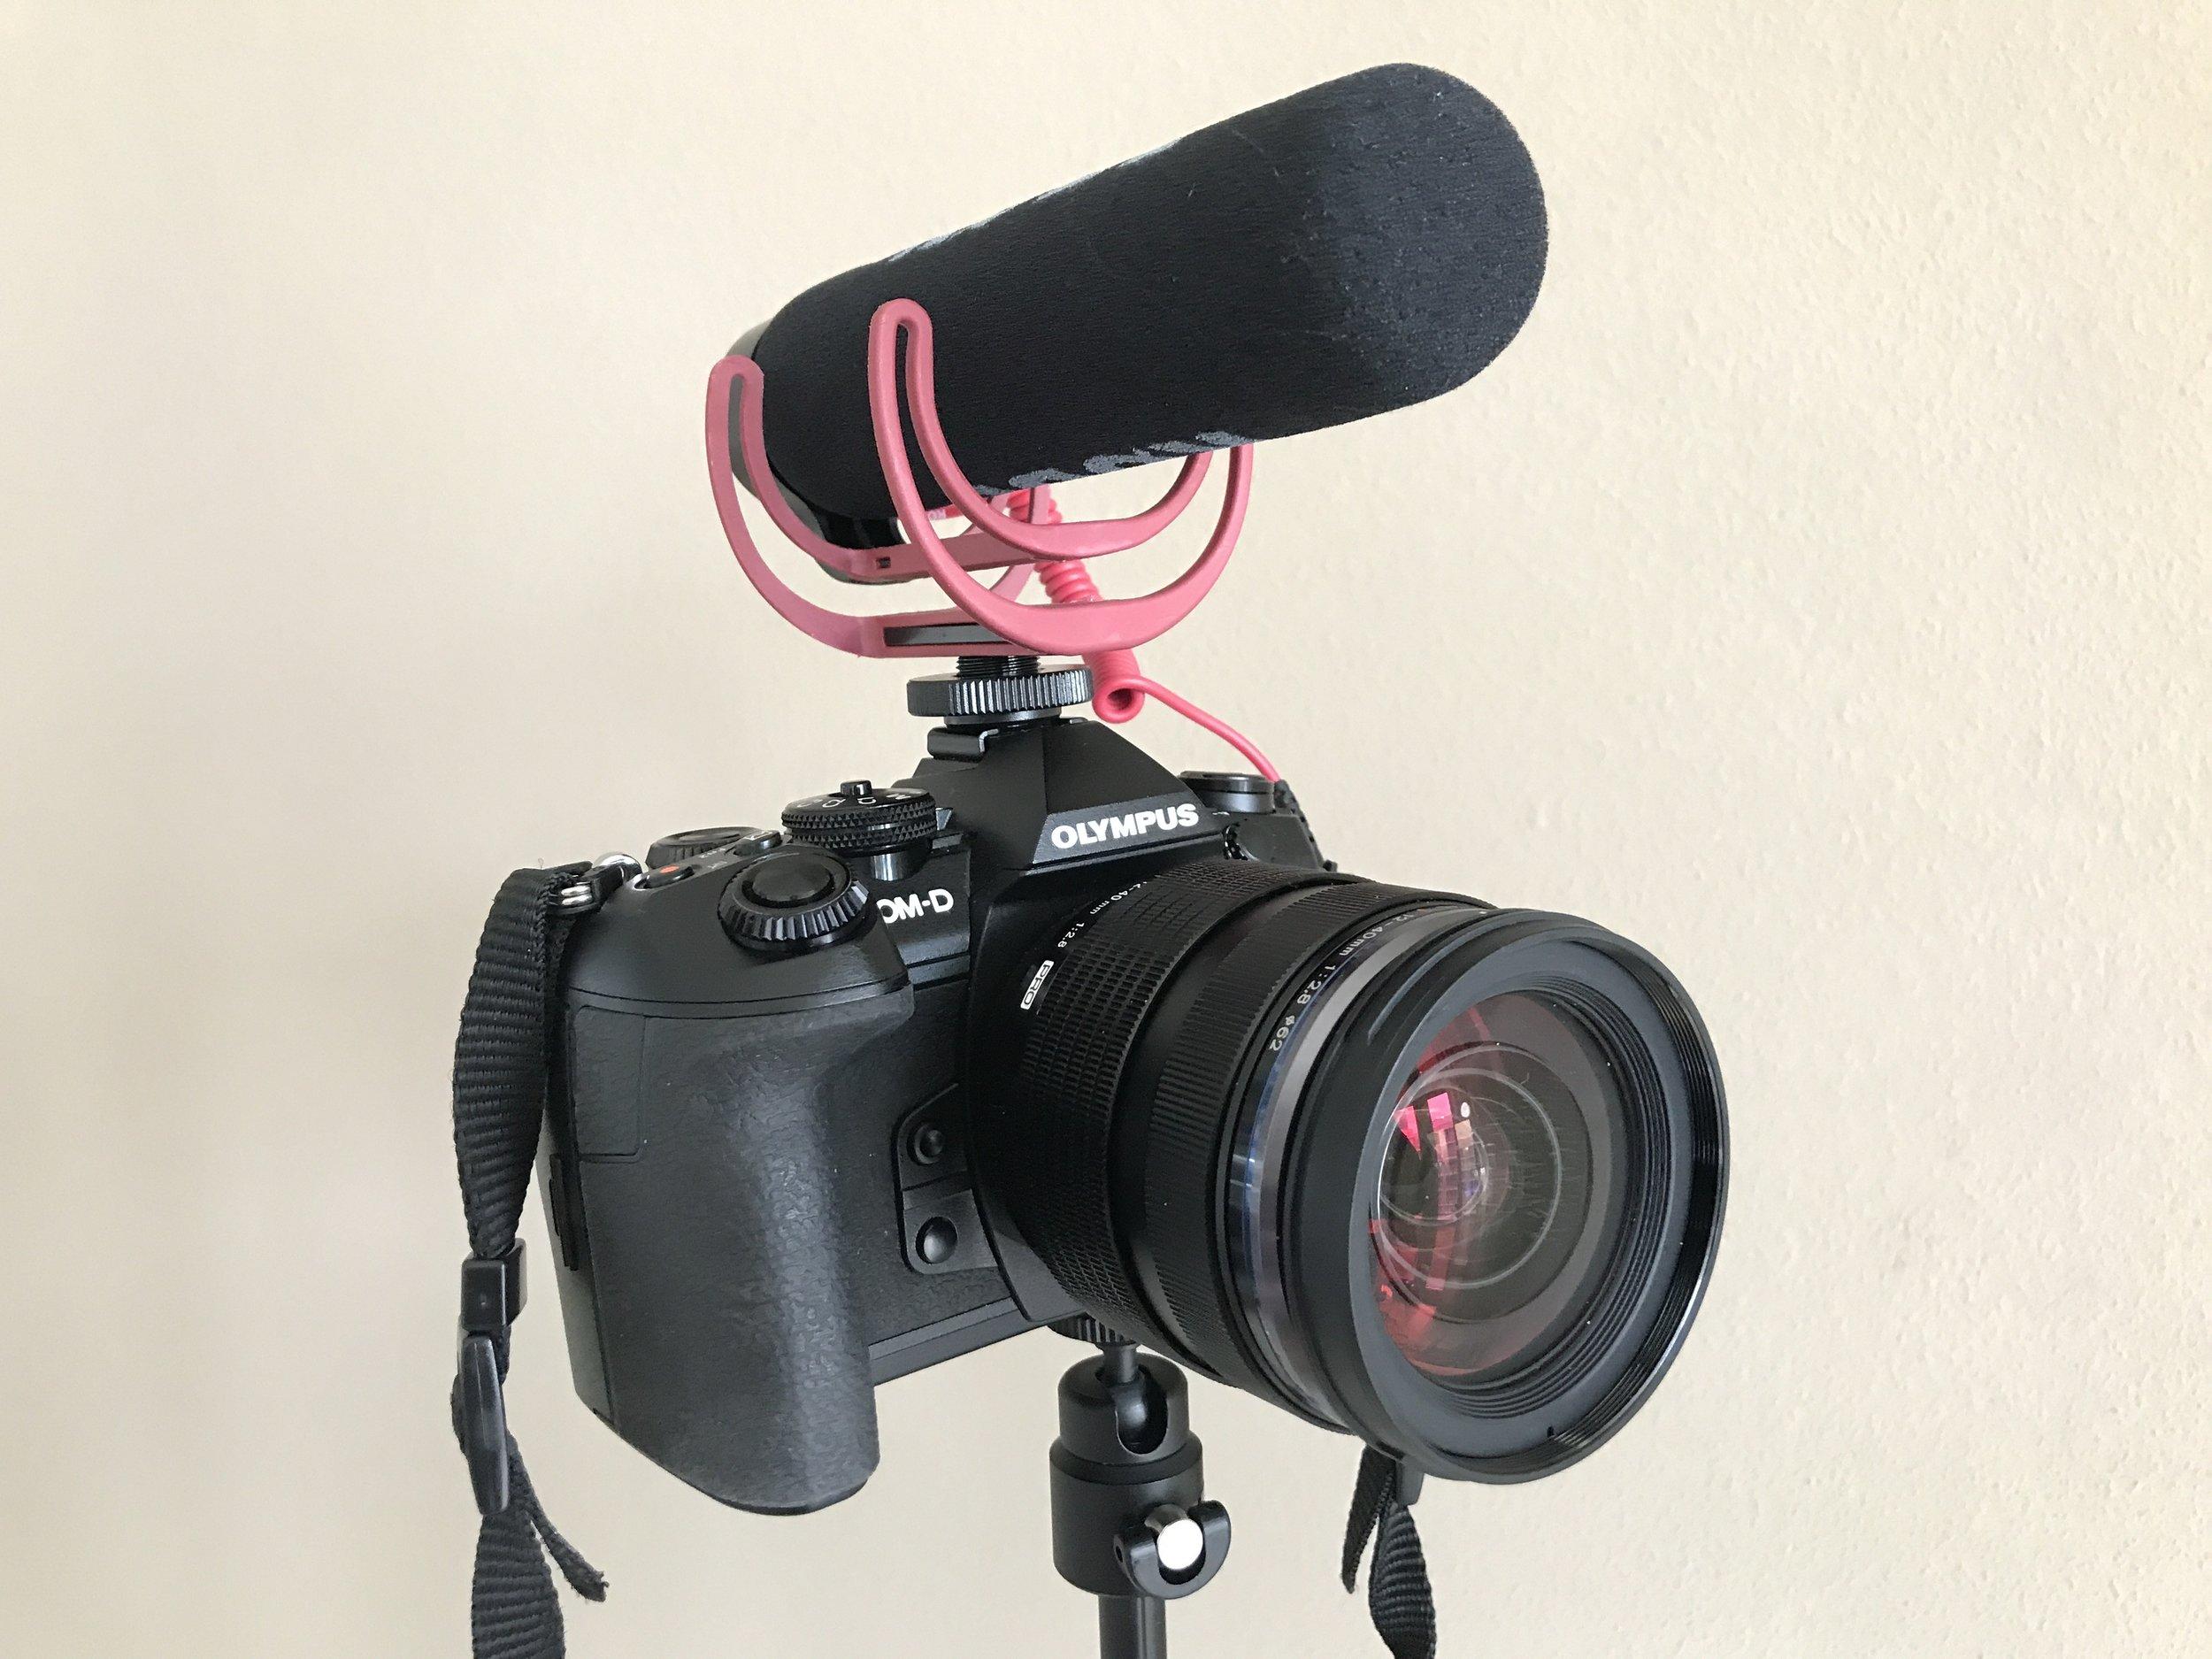 Es lässt sich aber auch eine Kamera fixieren - trotz Gewicht wirkt es recht stabil.